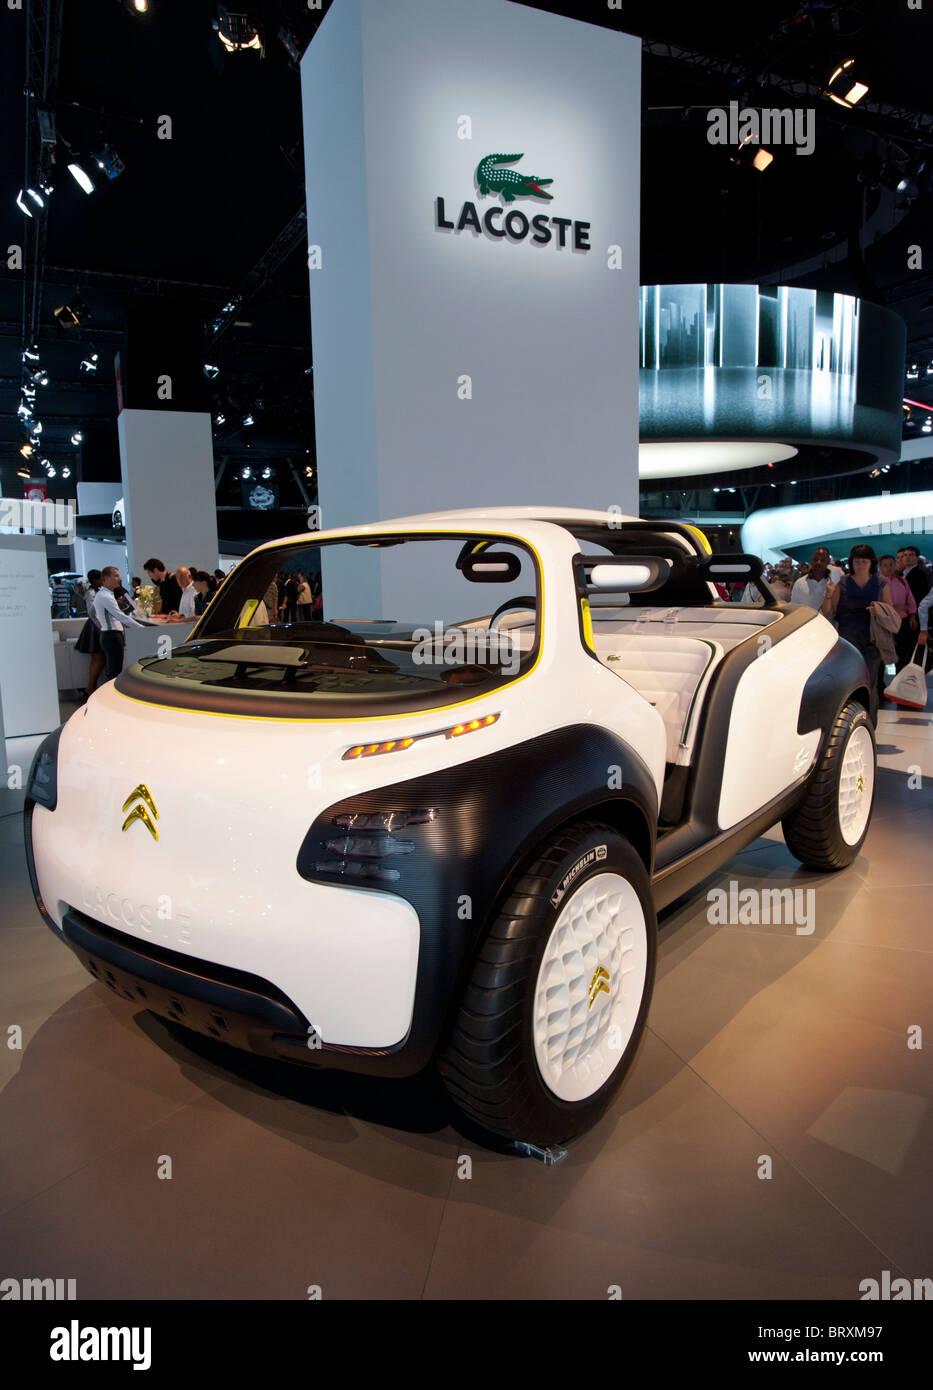 Citroën Lacoste concept véhicule à Paris Motor Show 2010 Banque D'Images